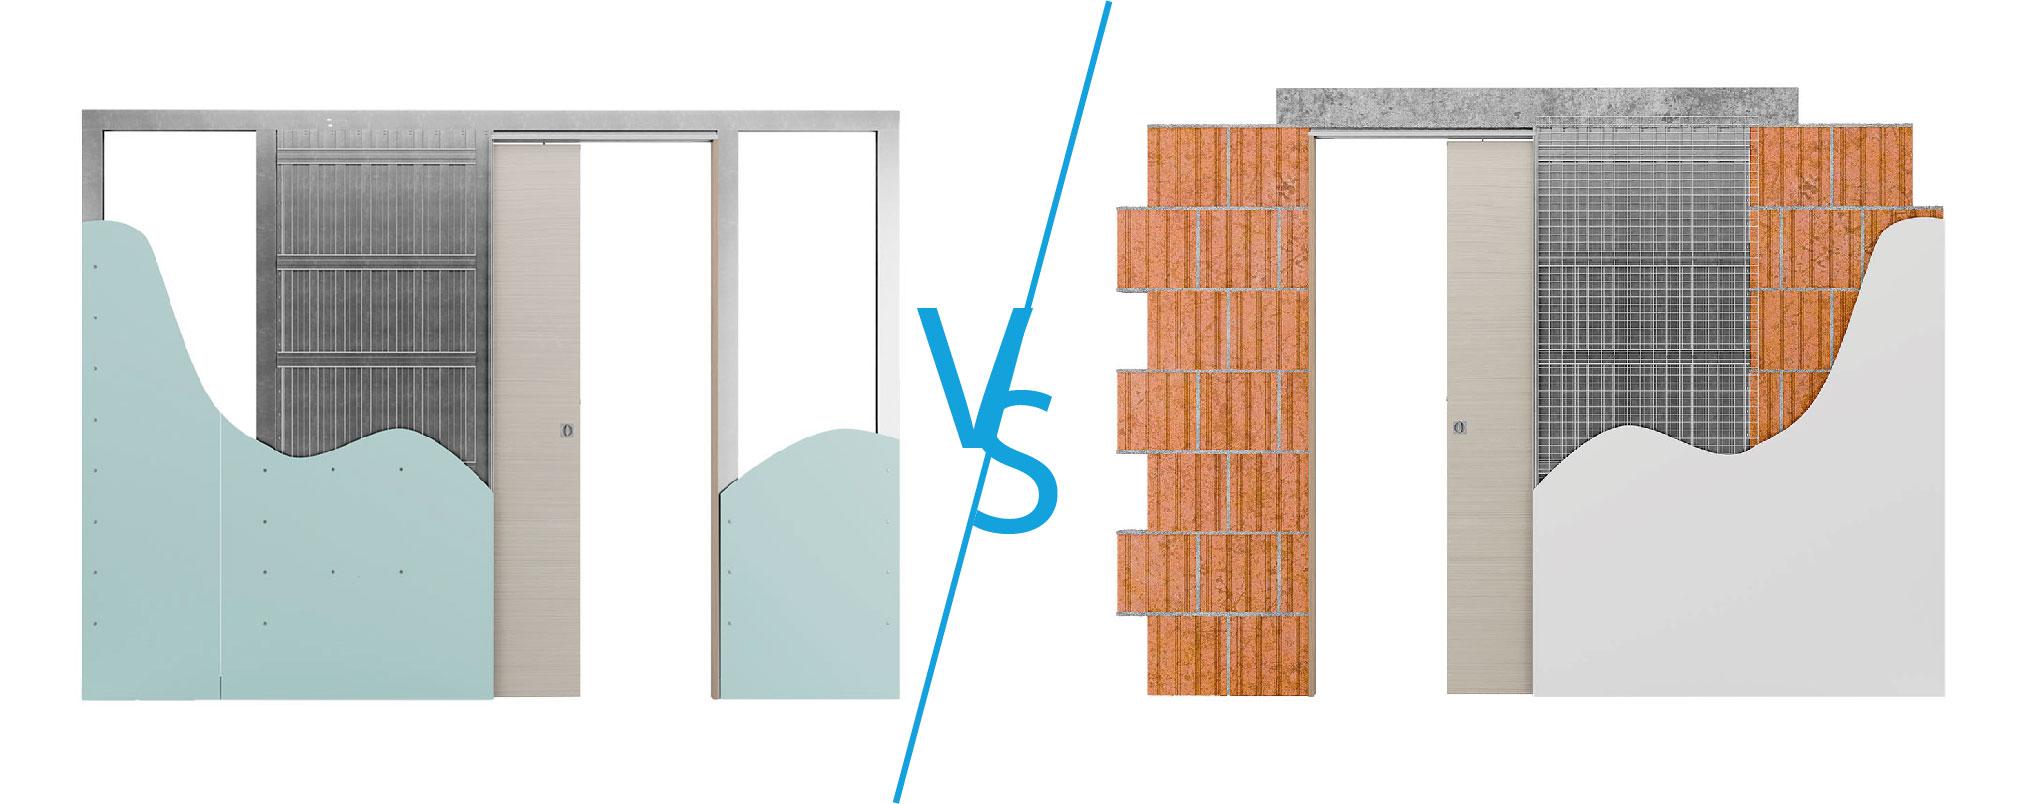 Controtelai per pareti in intonaco o in cartongesso?